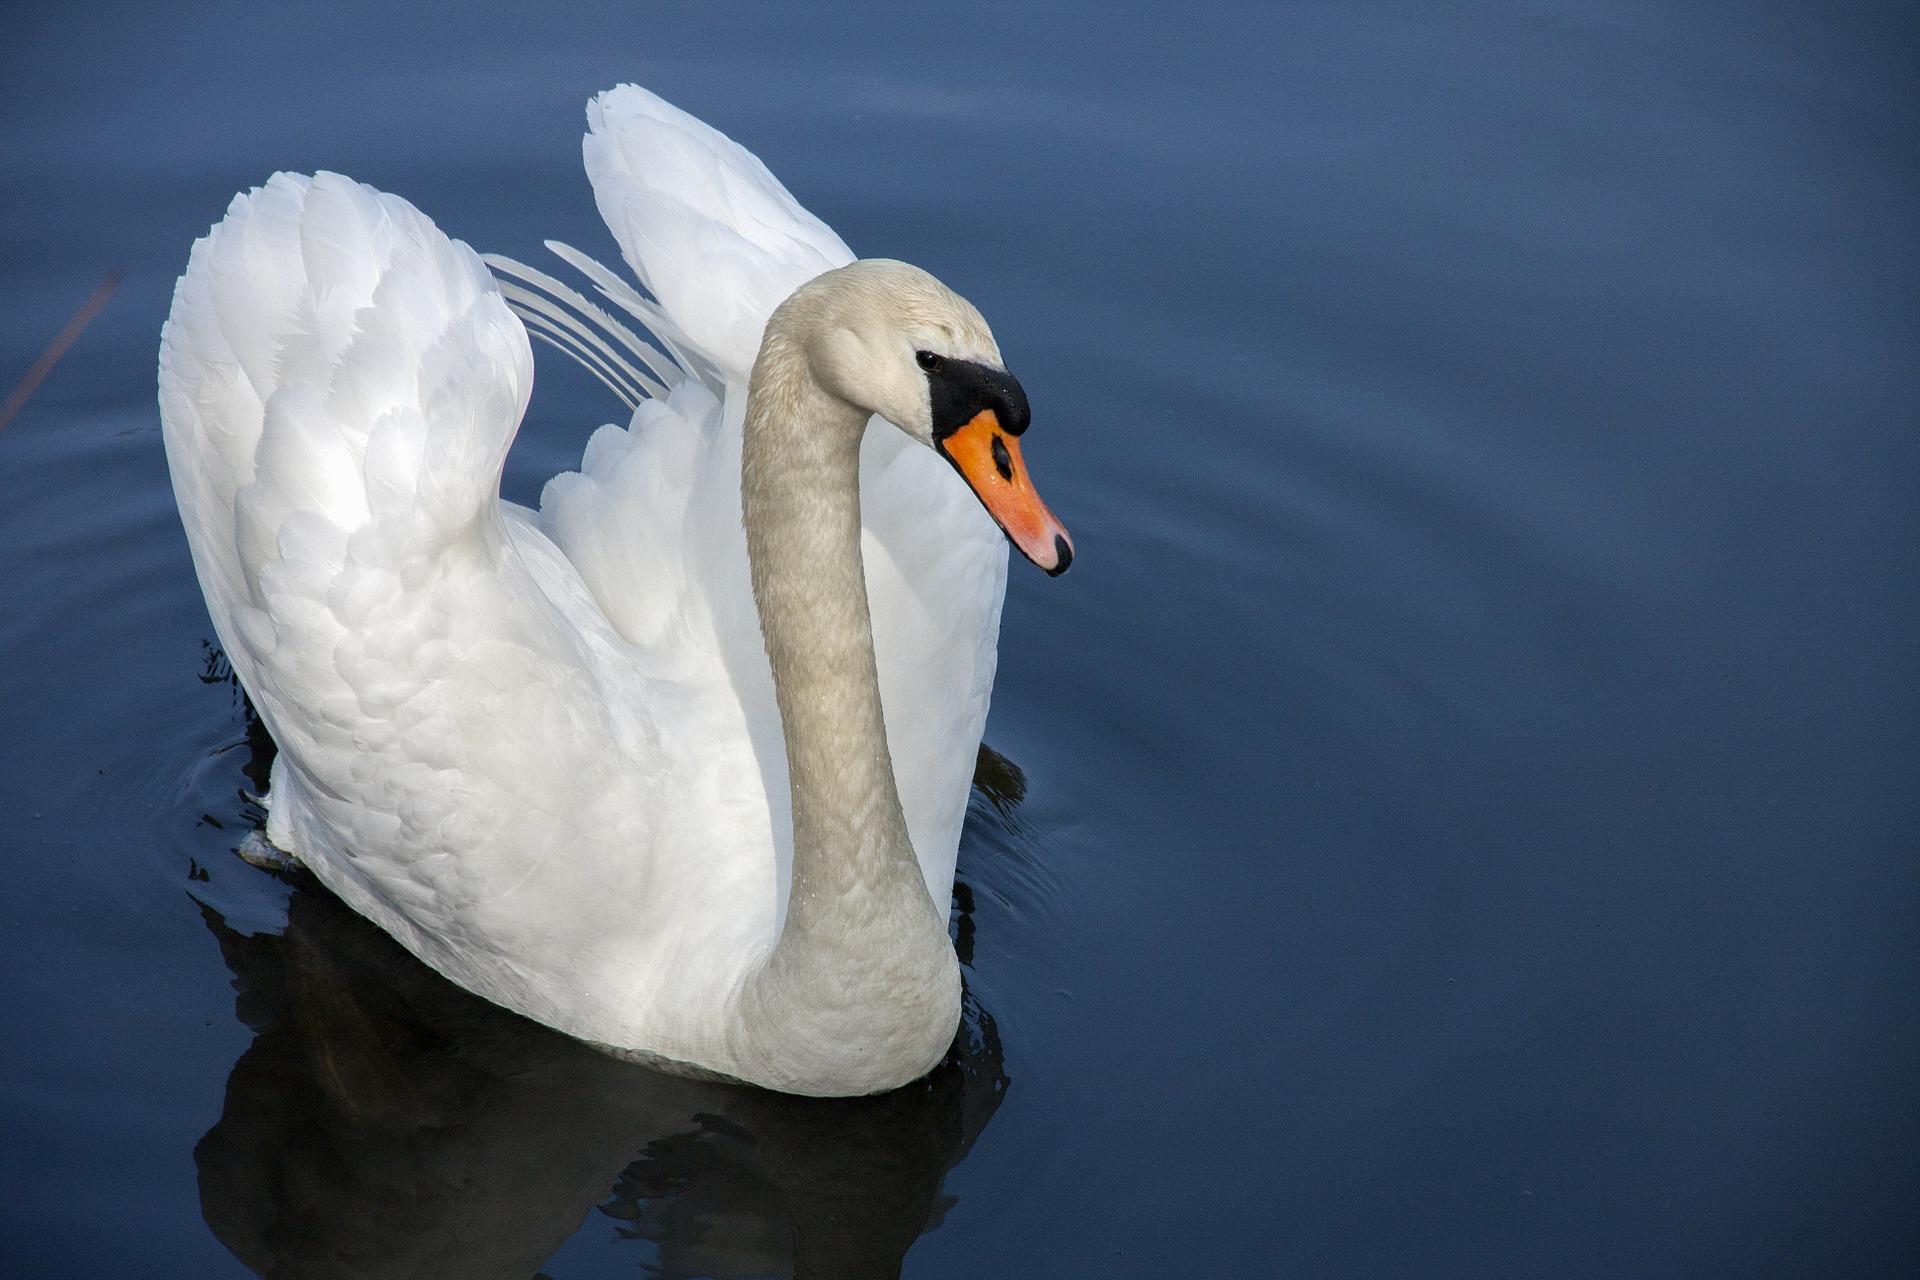 swan-319379_1920.jpg